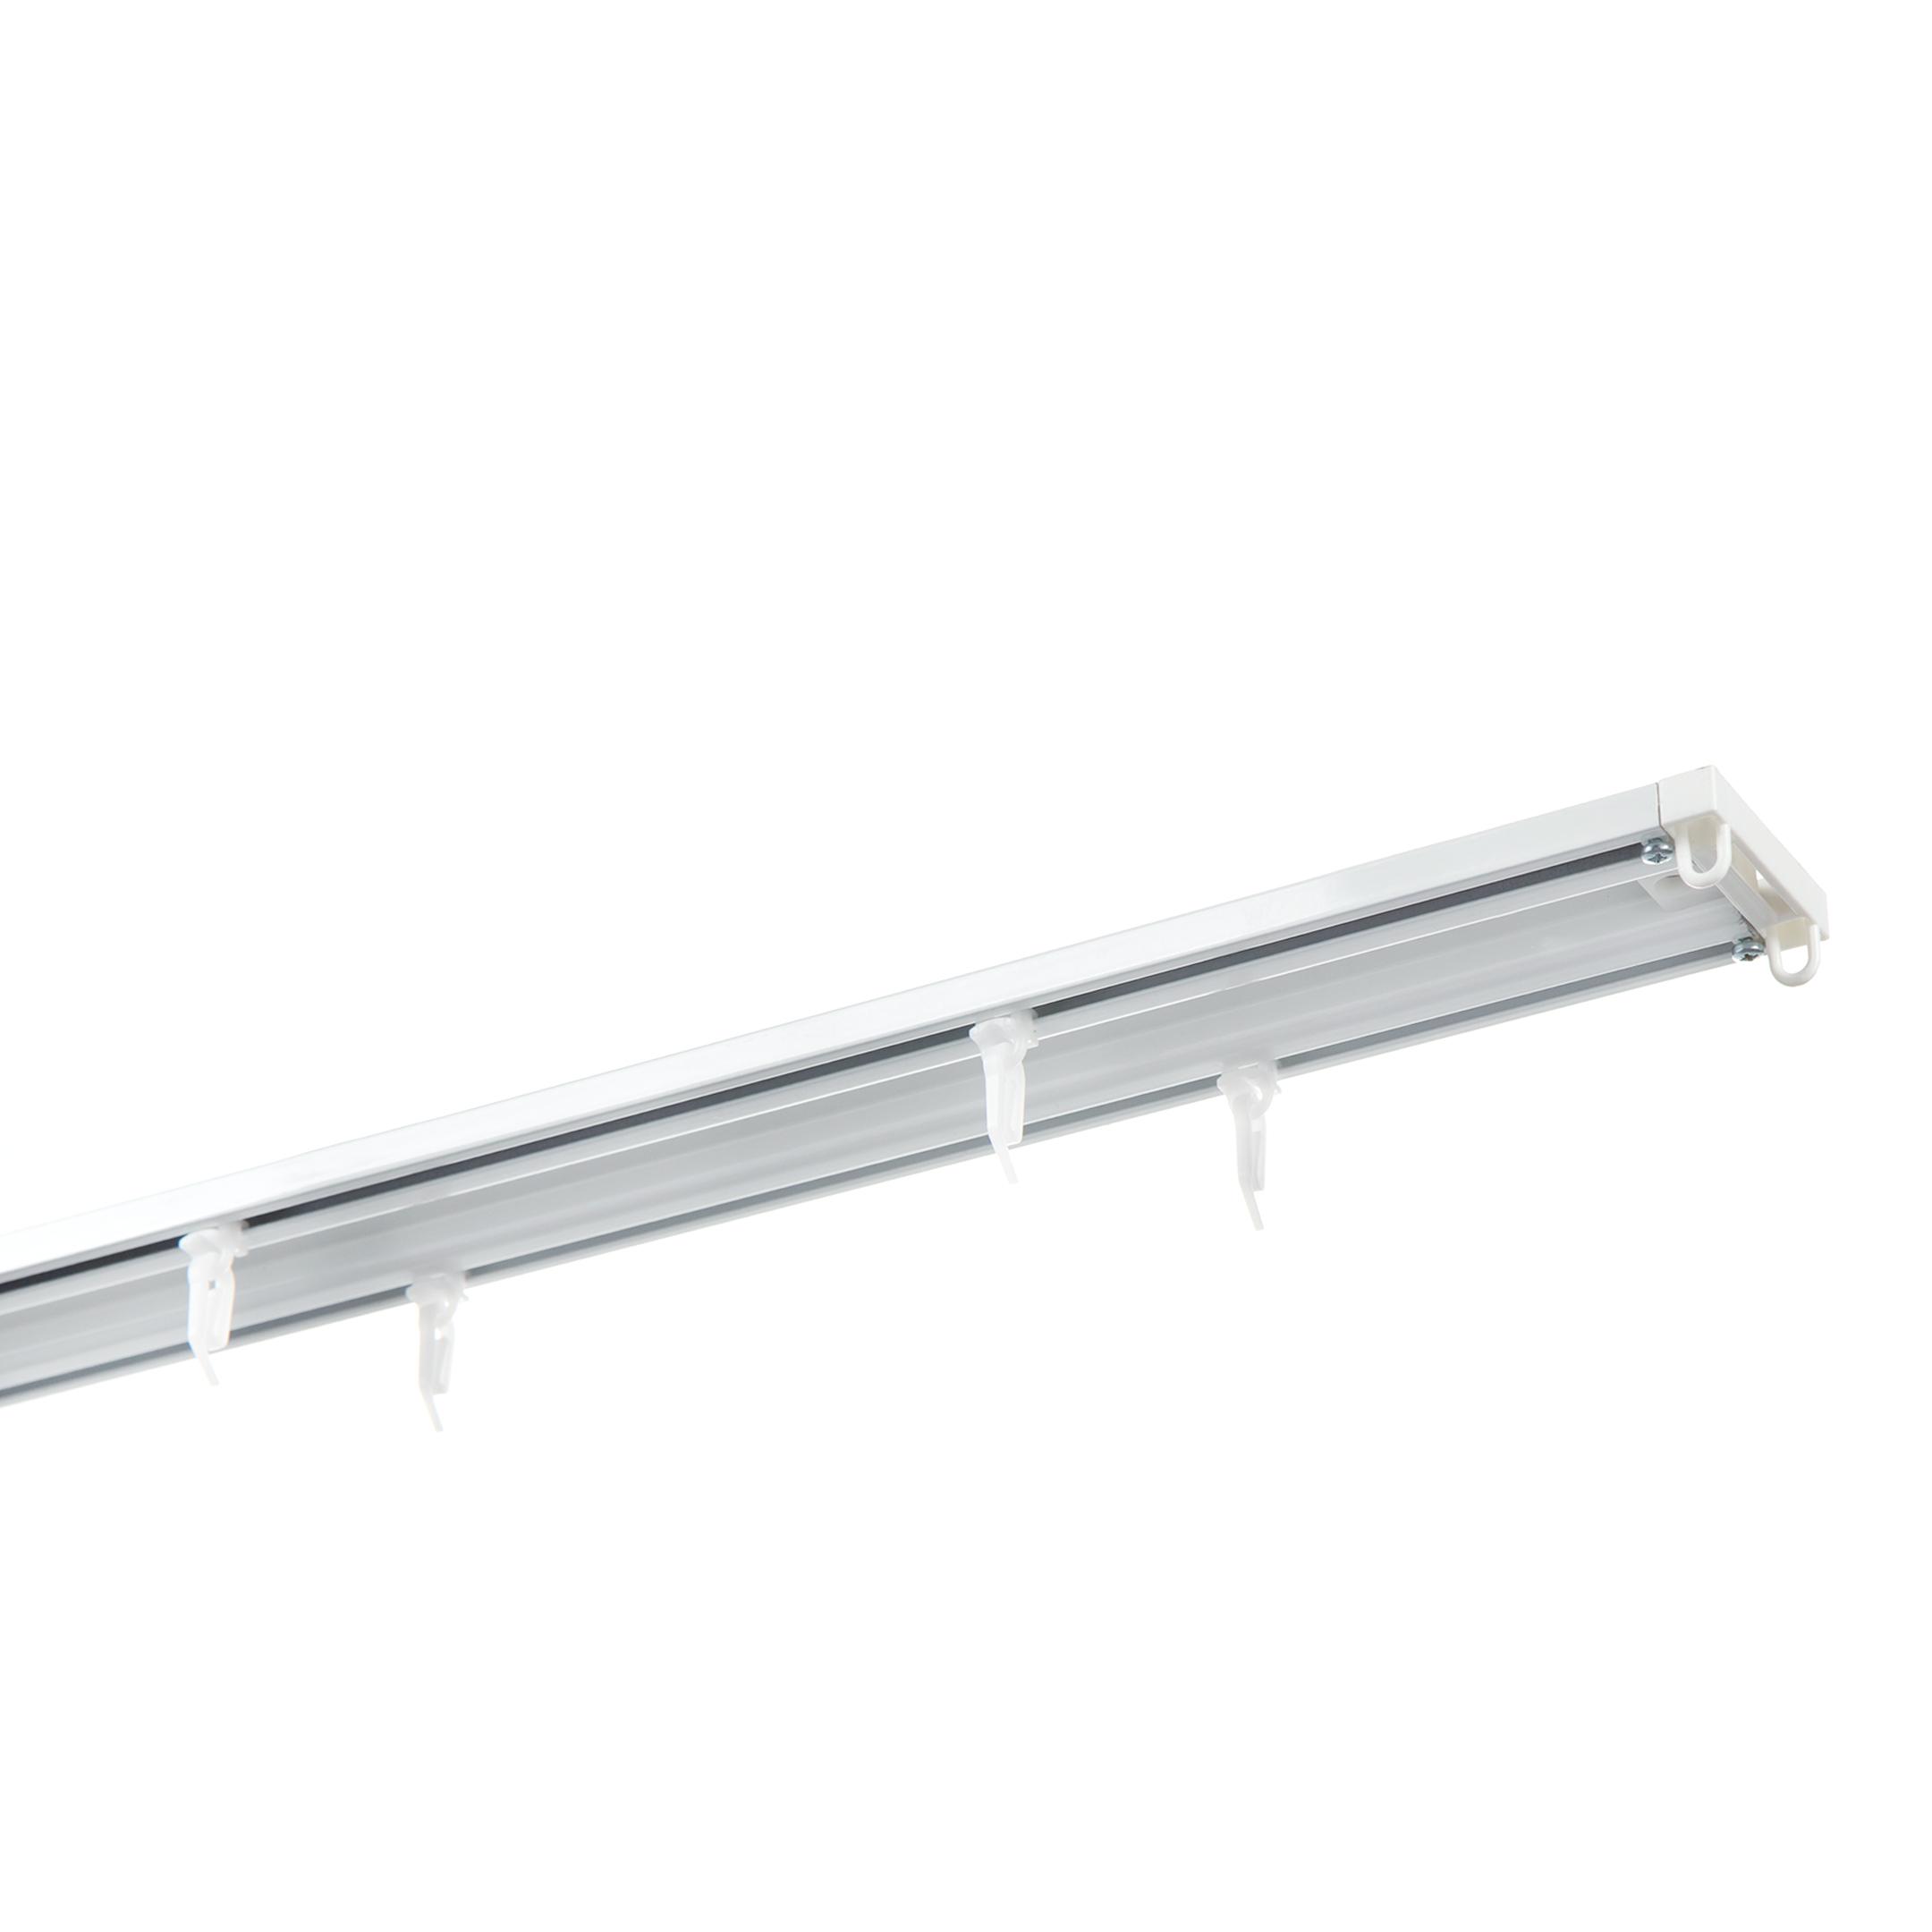 Фото - Карниз потолочный алюминиевый двухрядный 240 см белый бегунок производитель hans pries 300124755